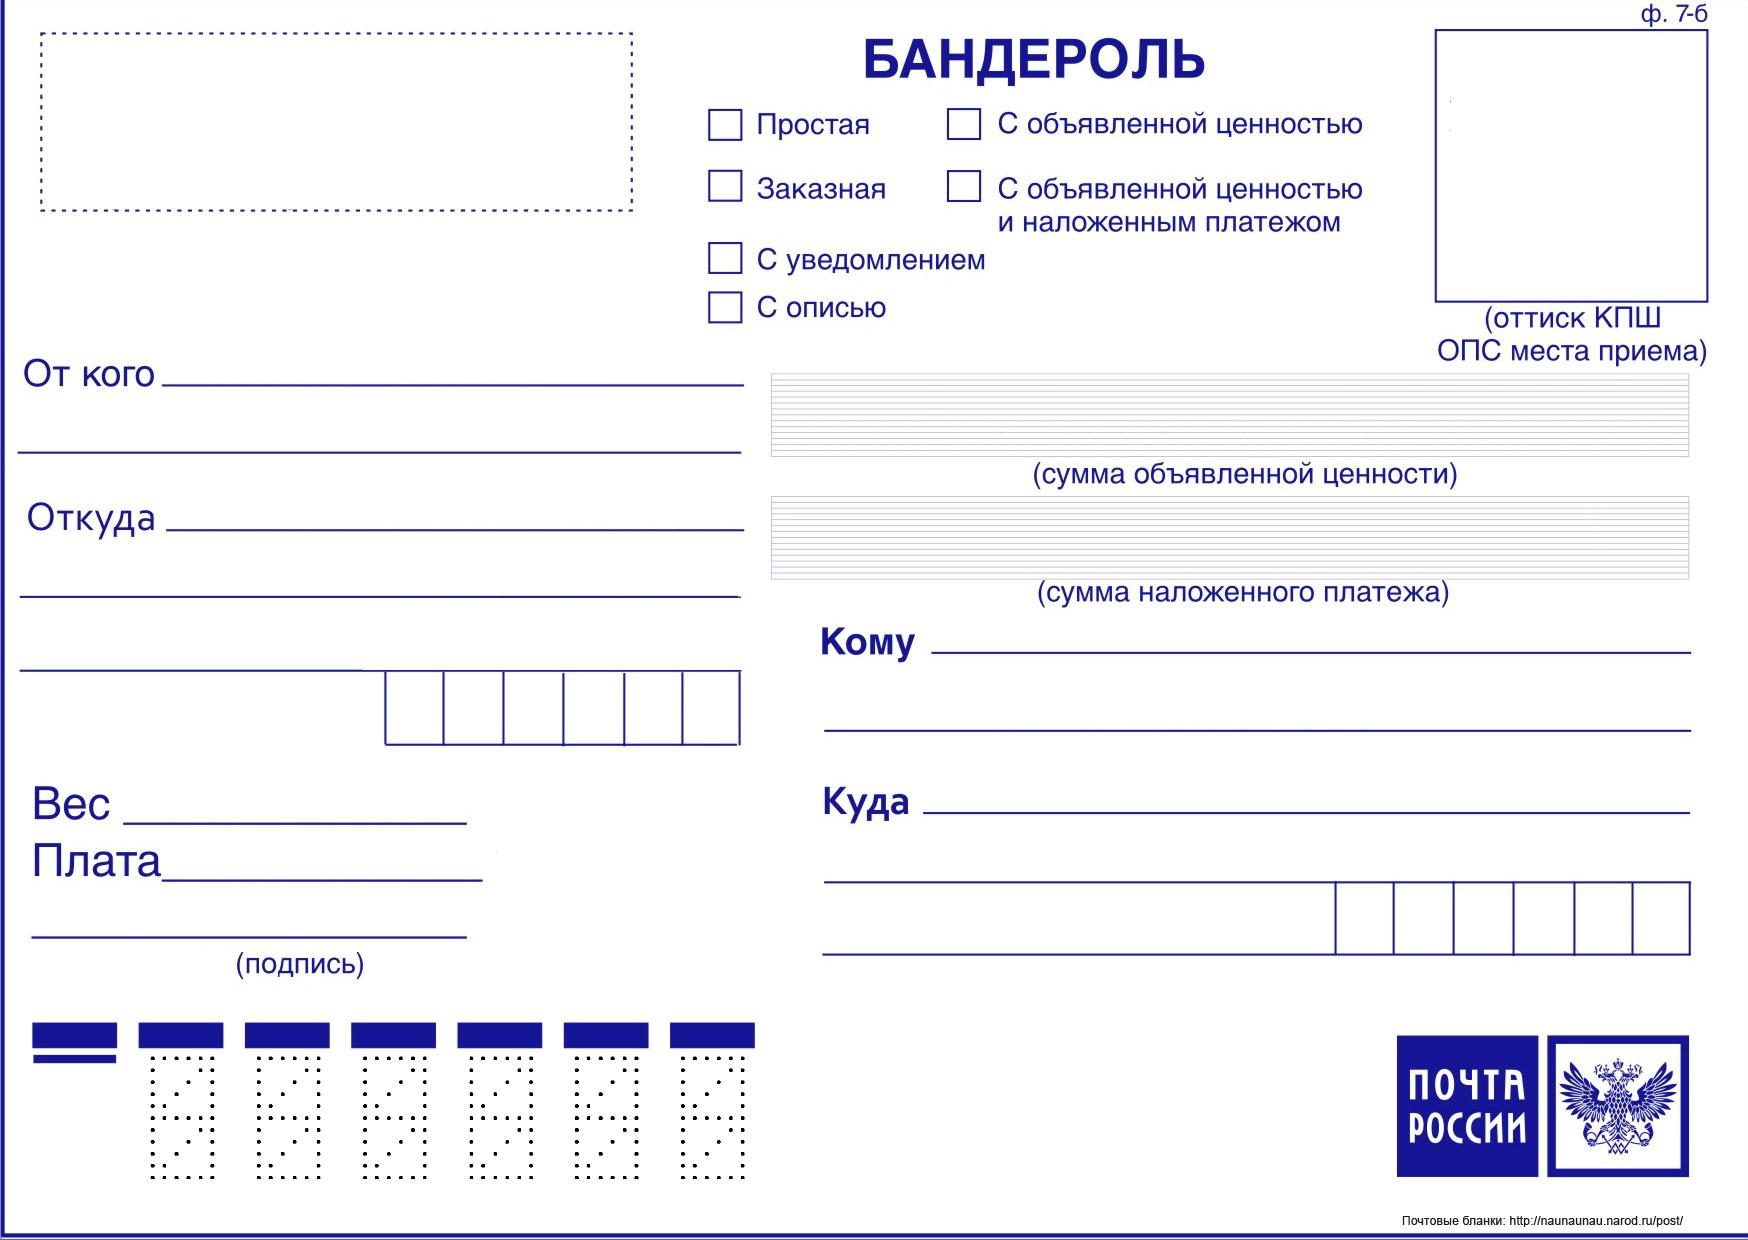 Печать почтовых бланков в Москве | фото 4